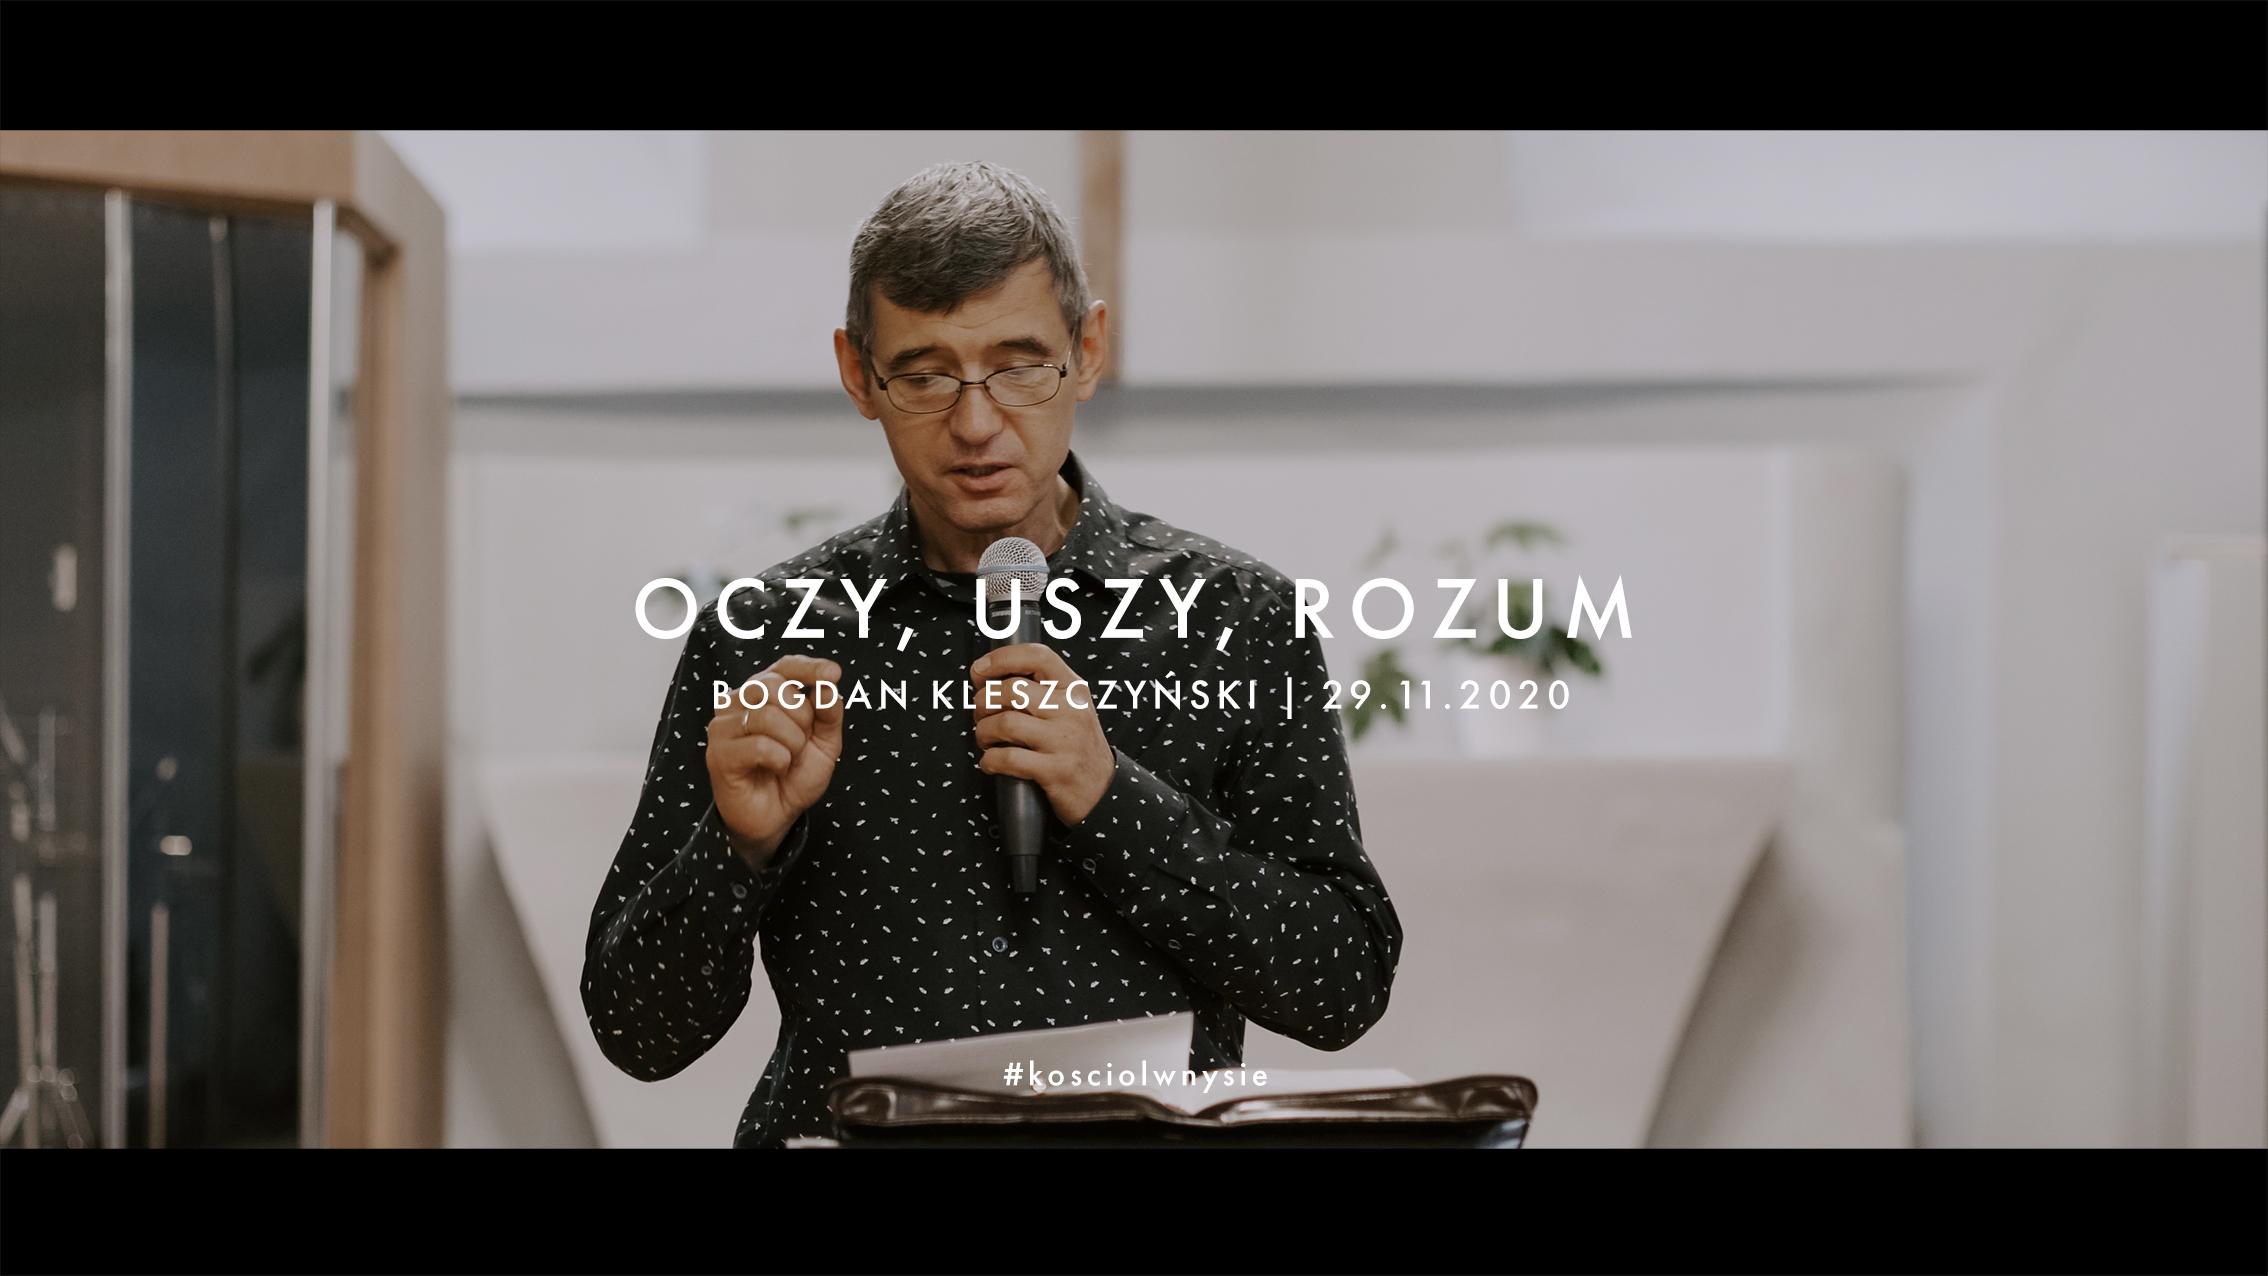 Oczy, uszy, rozum - Bogdan Kleszczyński